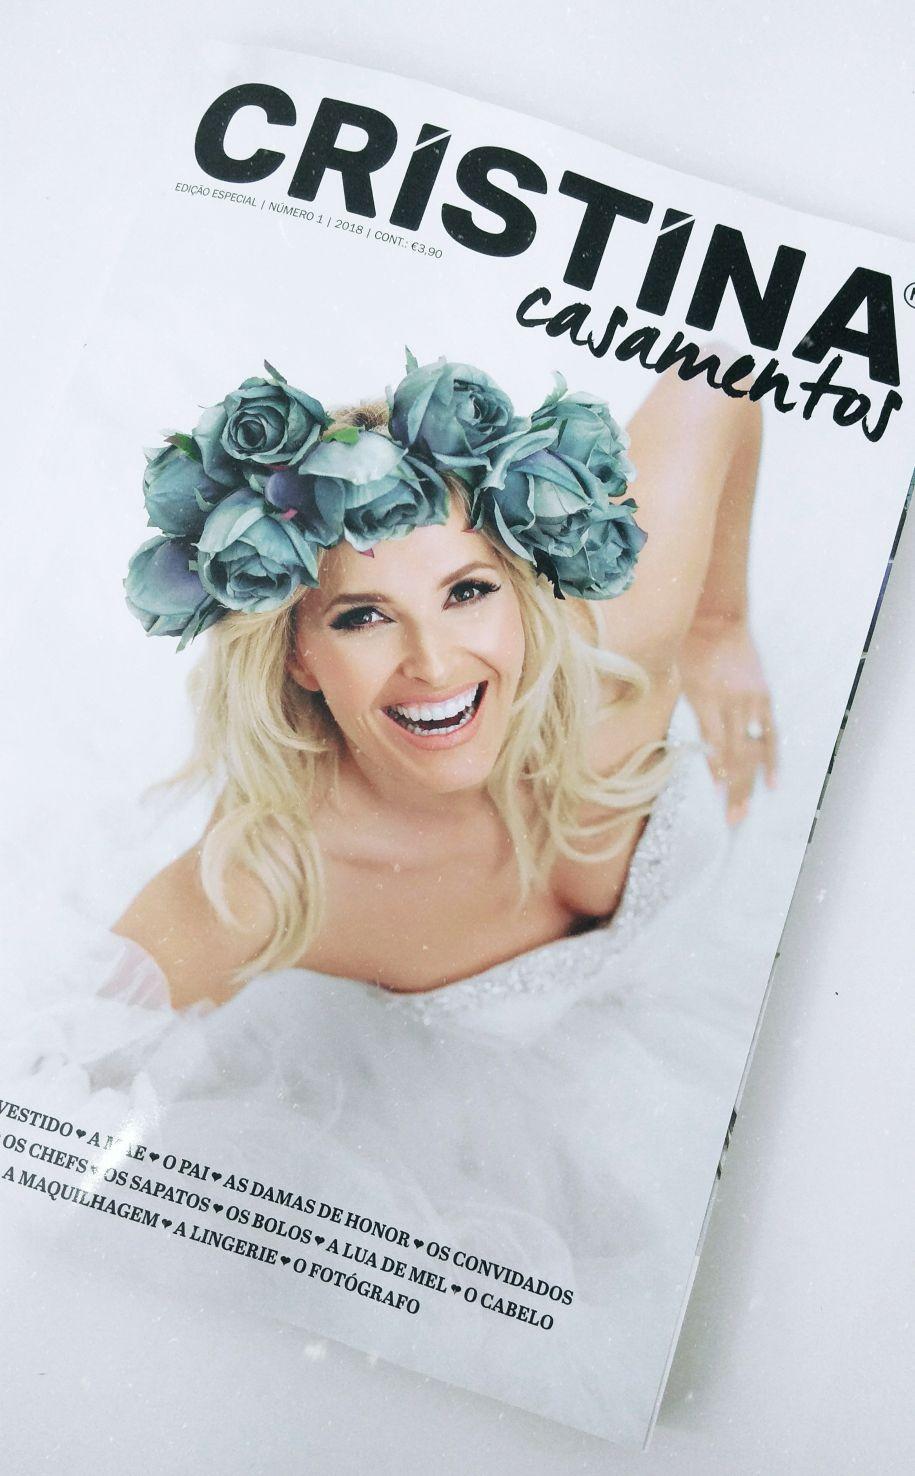 L'AVETIS en la Revista Cristina